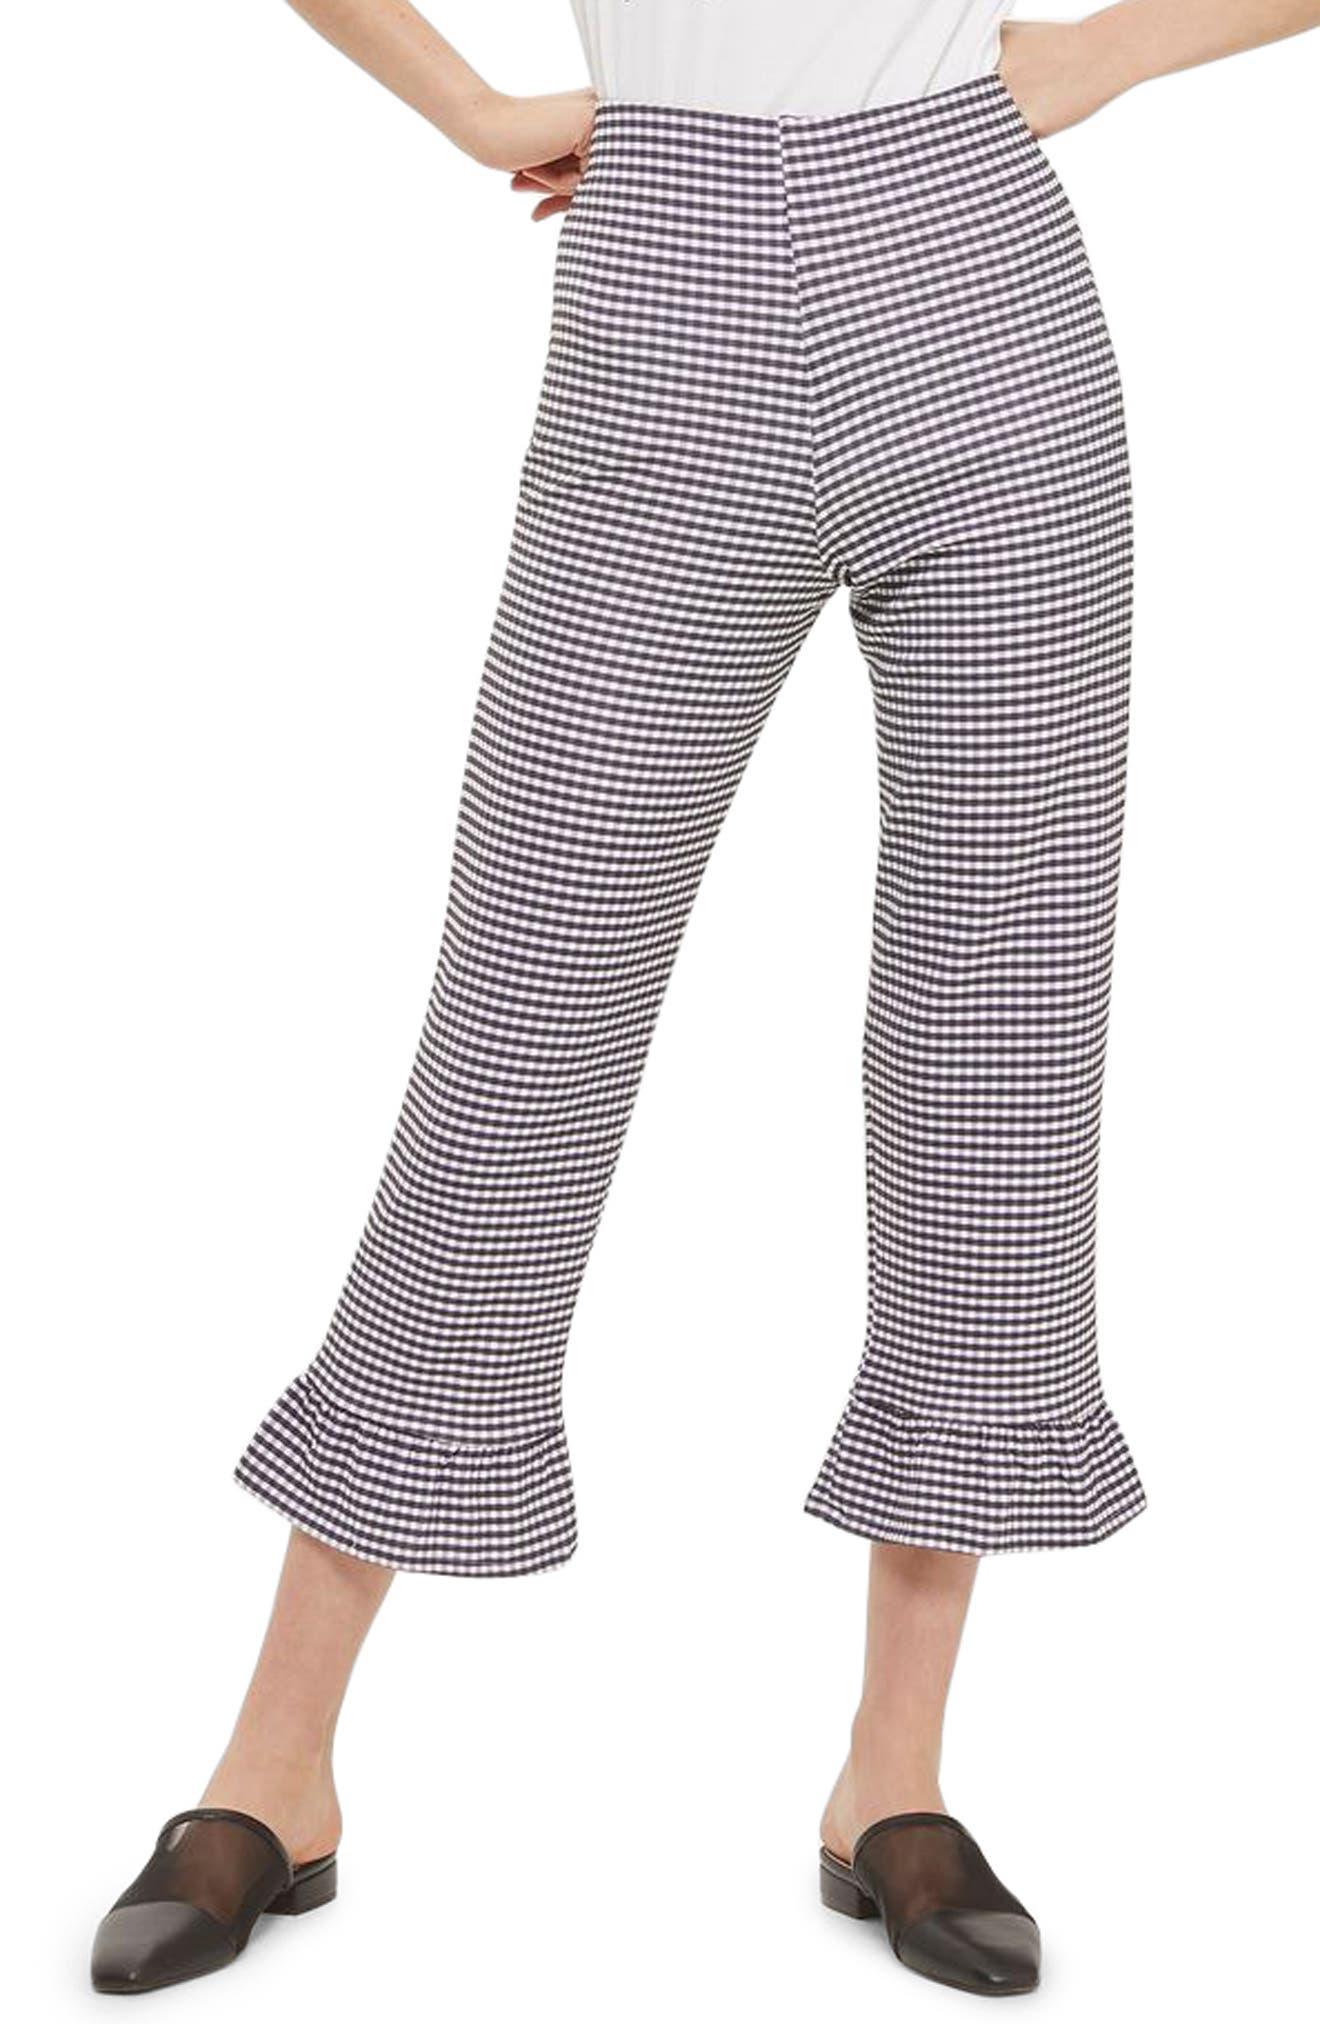 Alternate Image 1 Selected - Topshop Gingham Ruffle Capri Trousers